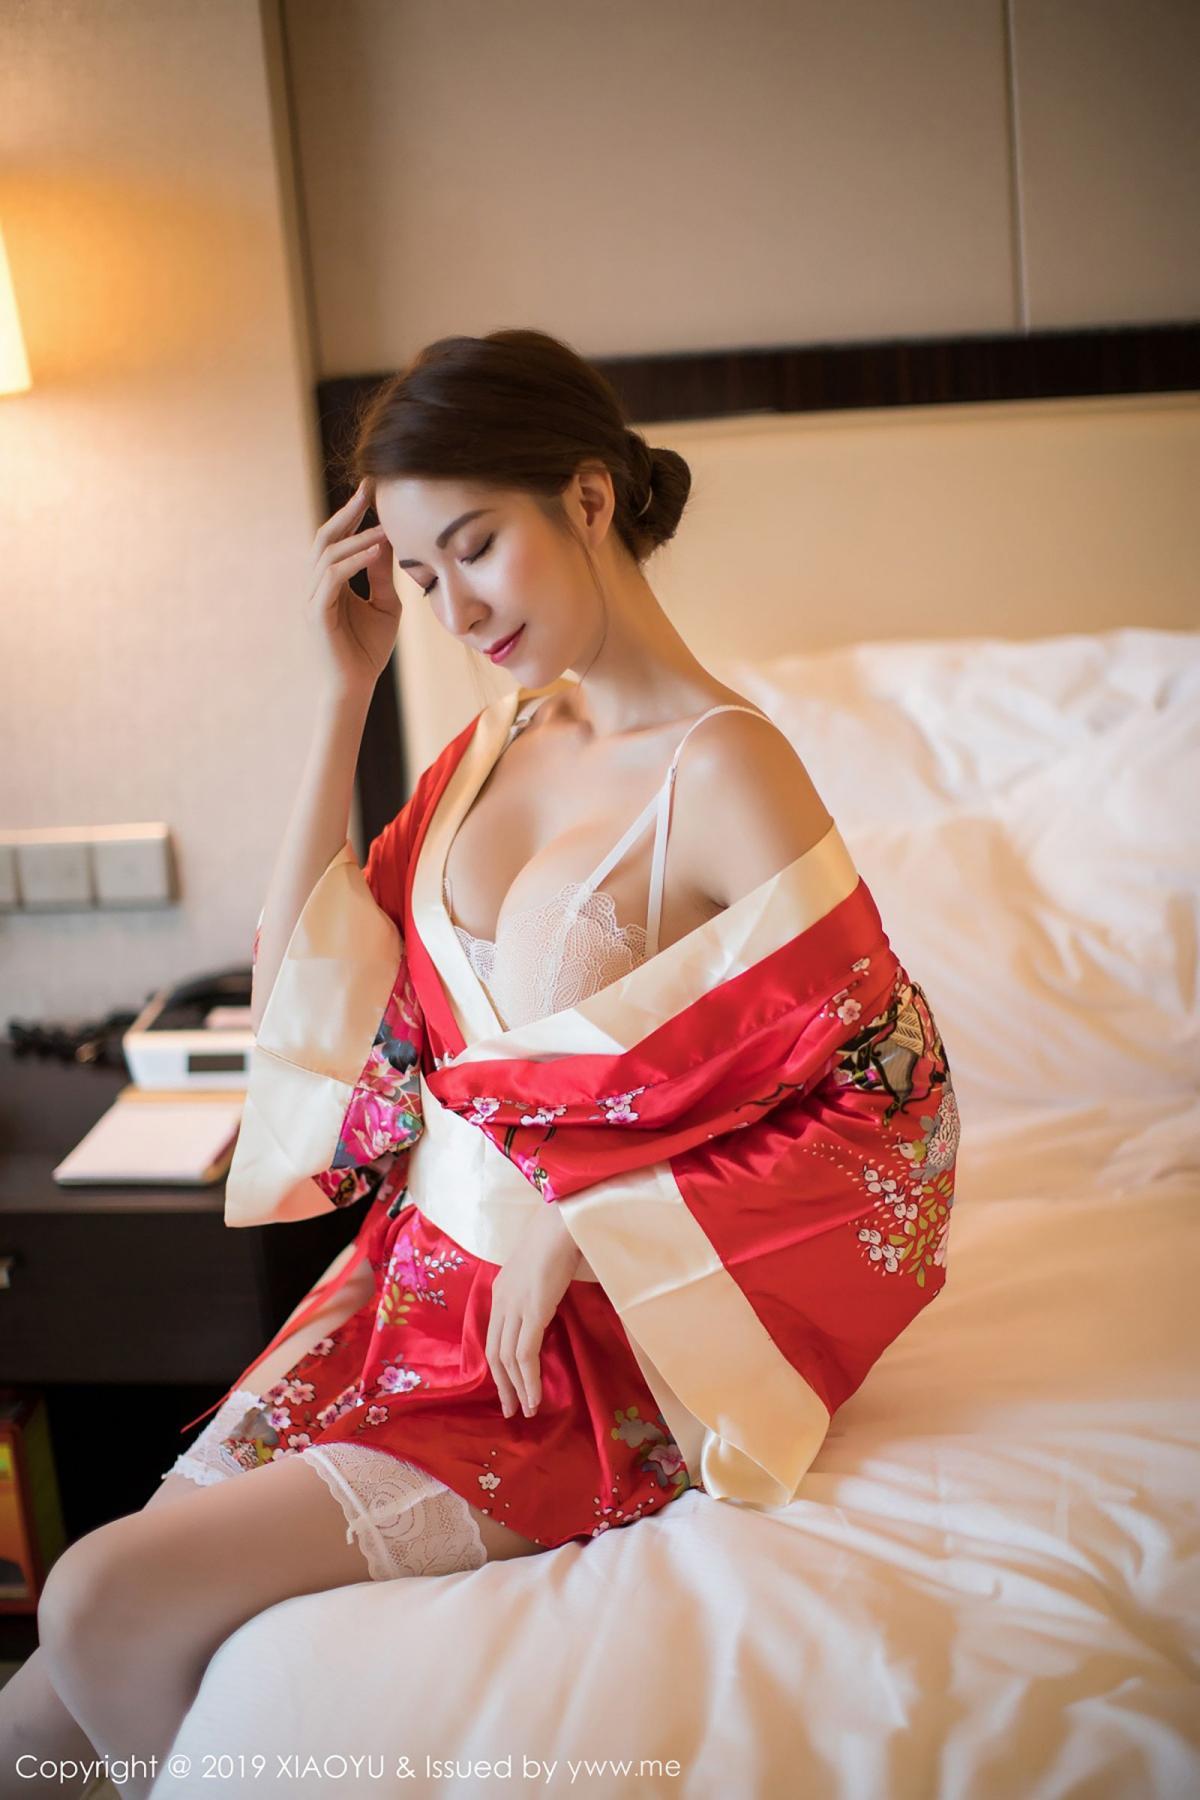 [XiaoYu] Vol.014 Chen Liang Ling 40P, Chen Liang Ling, Kimono, Tall, XiaoYu